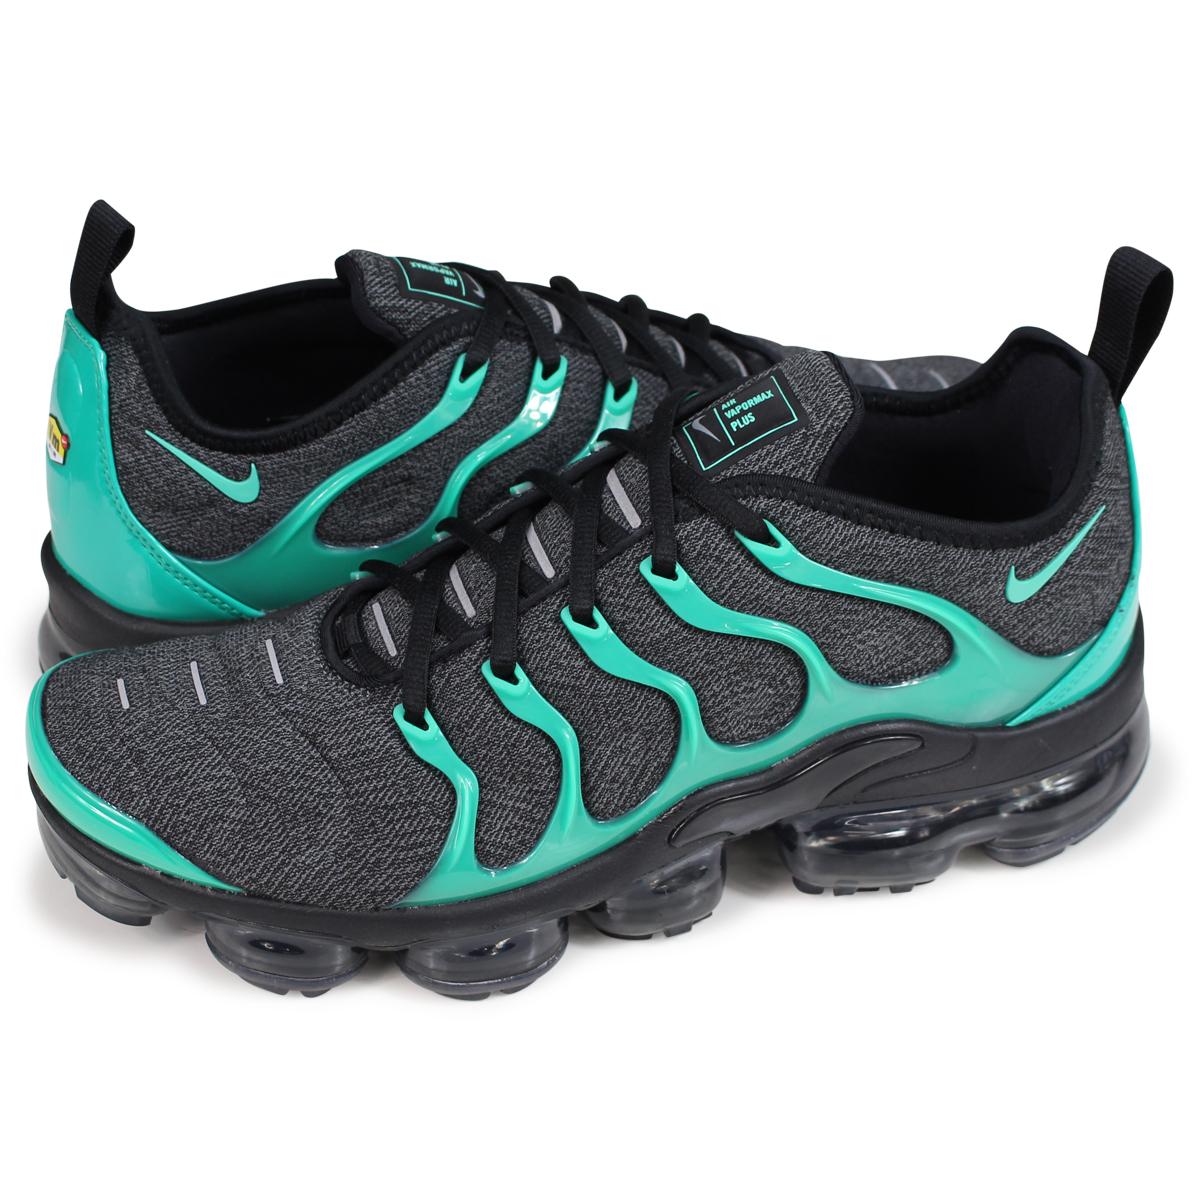 Nike NIKE air vapor max plus sneakers men AIR VAPORMAX PLUS 924,453 013 black